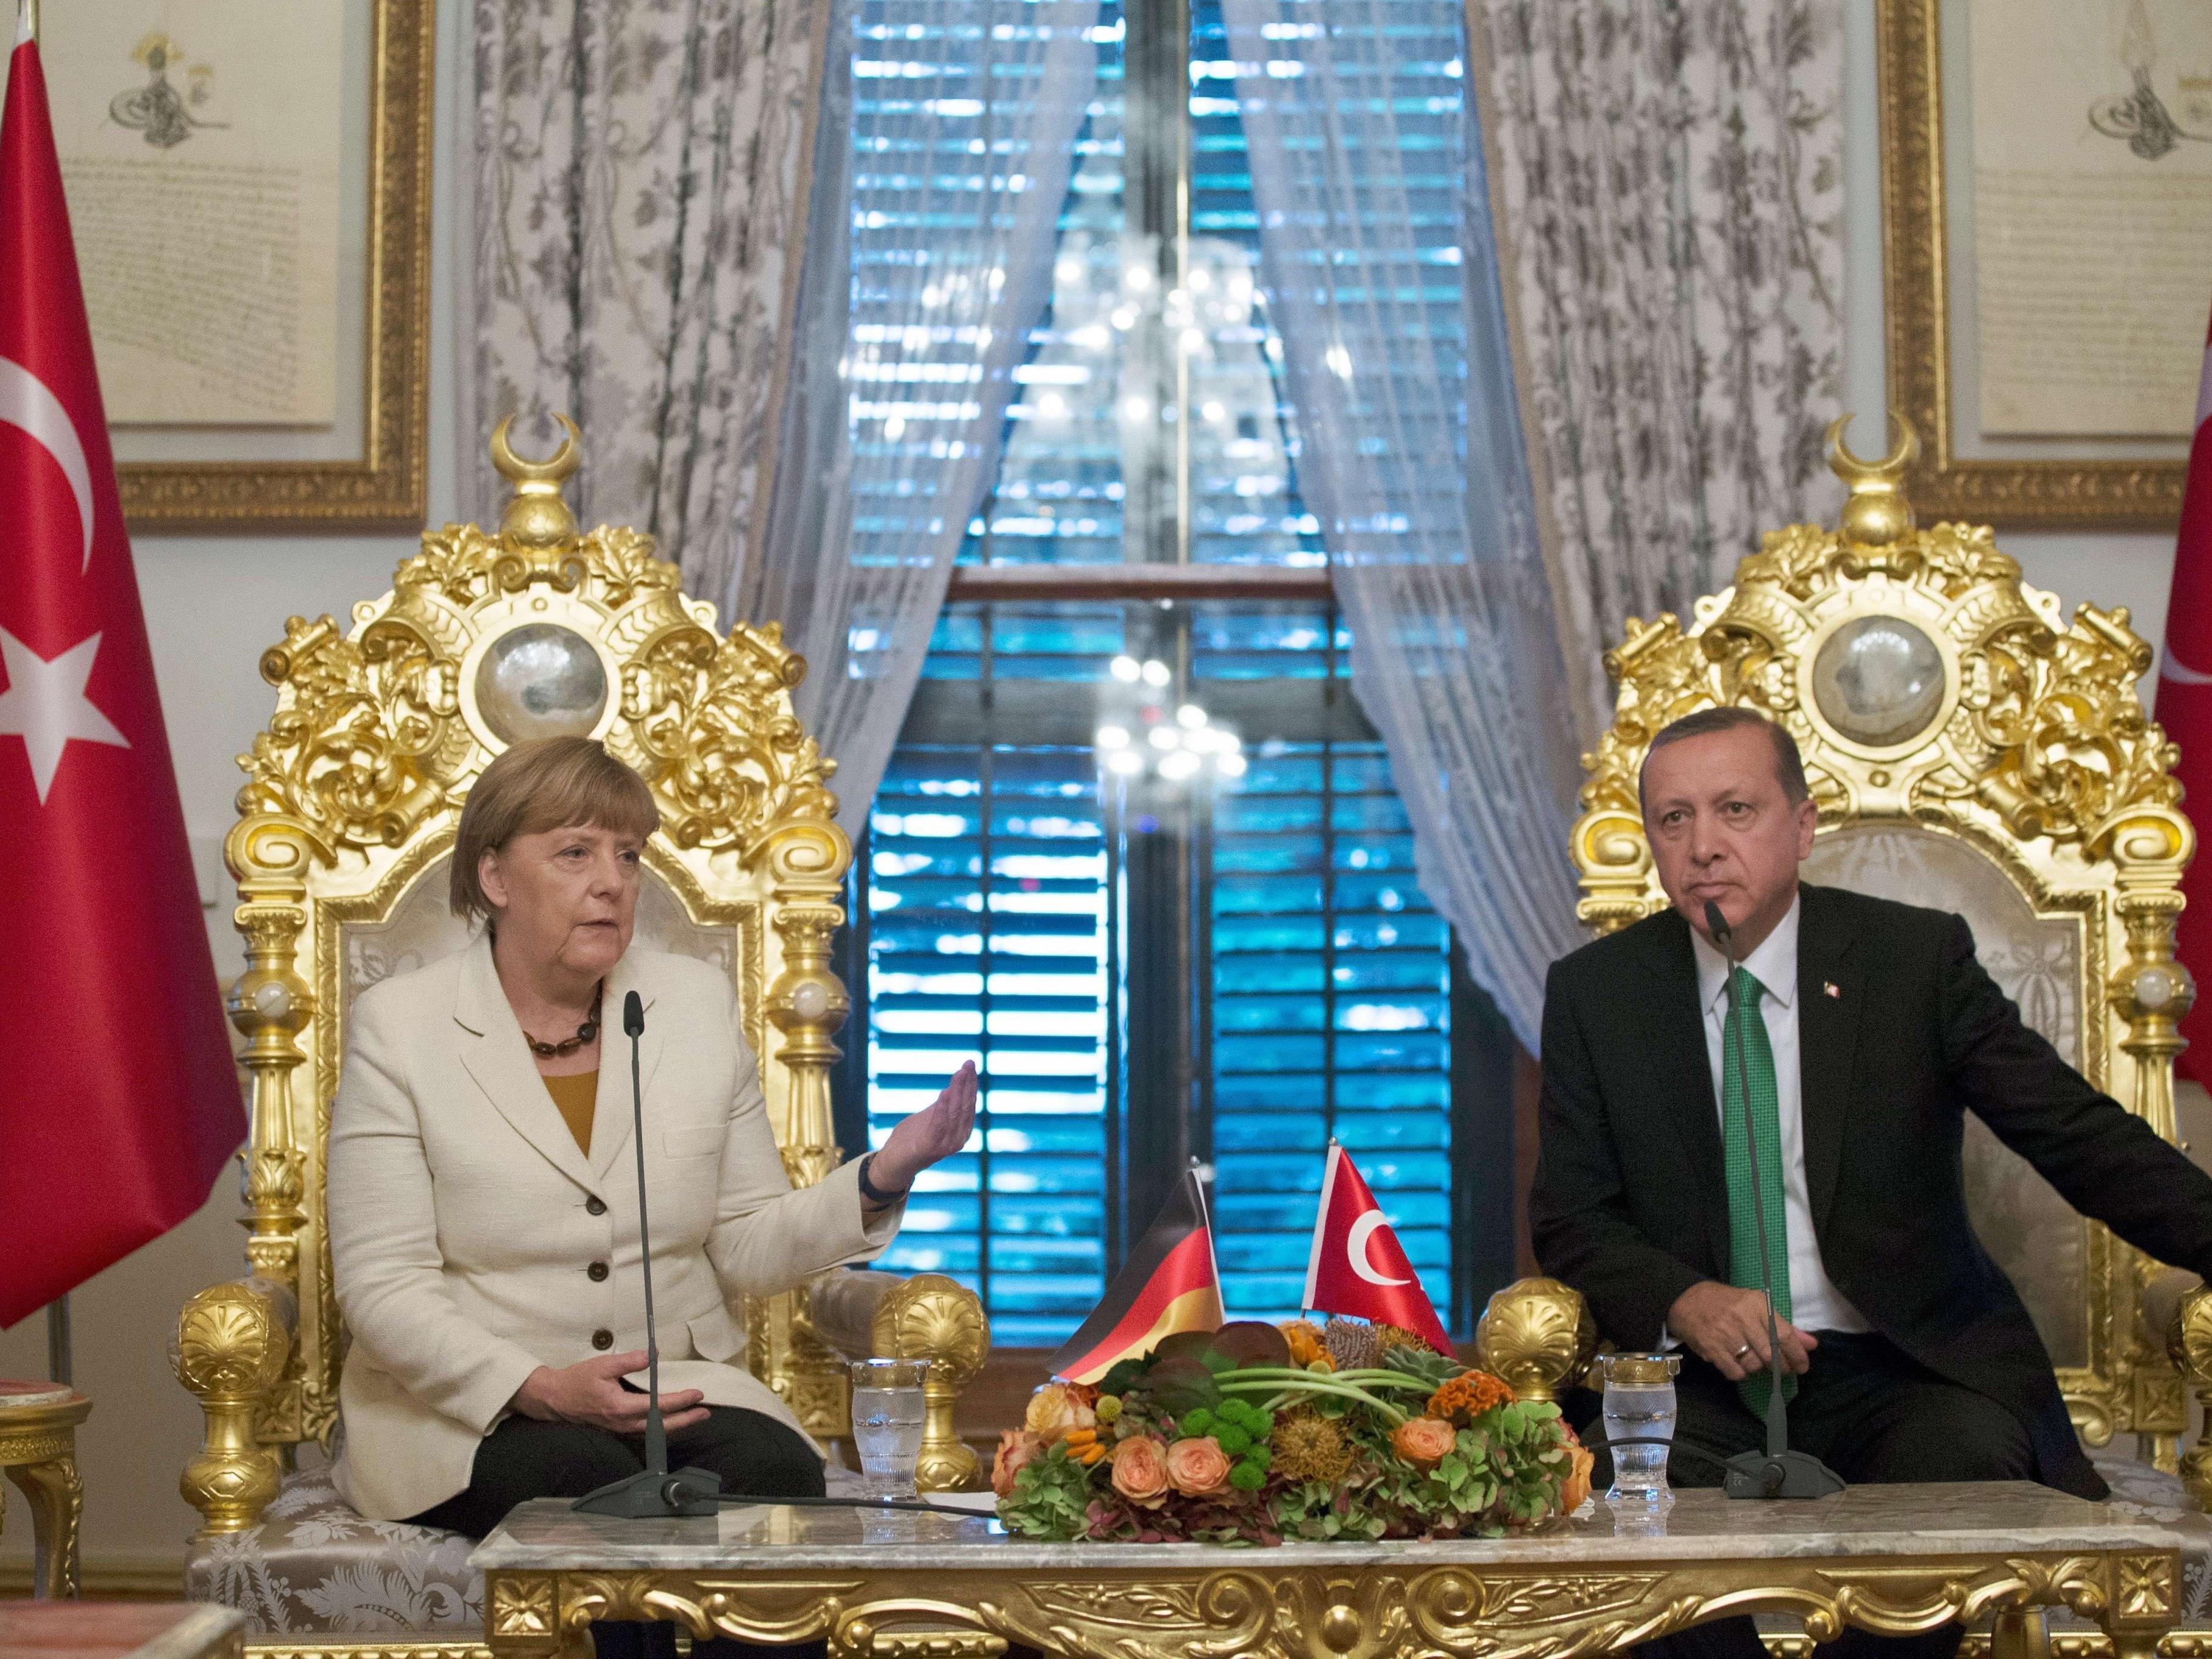 Harsche Kritik an Merkel.